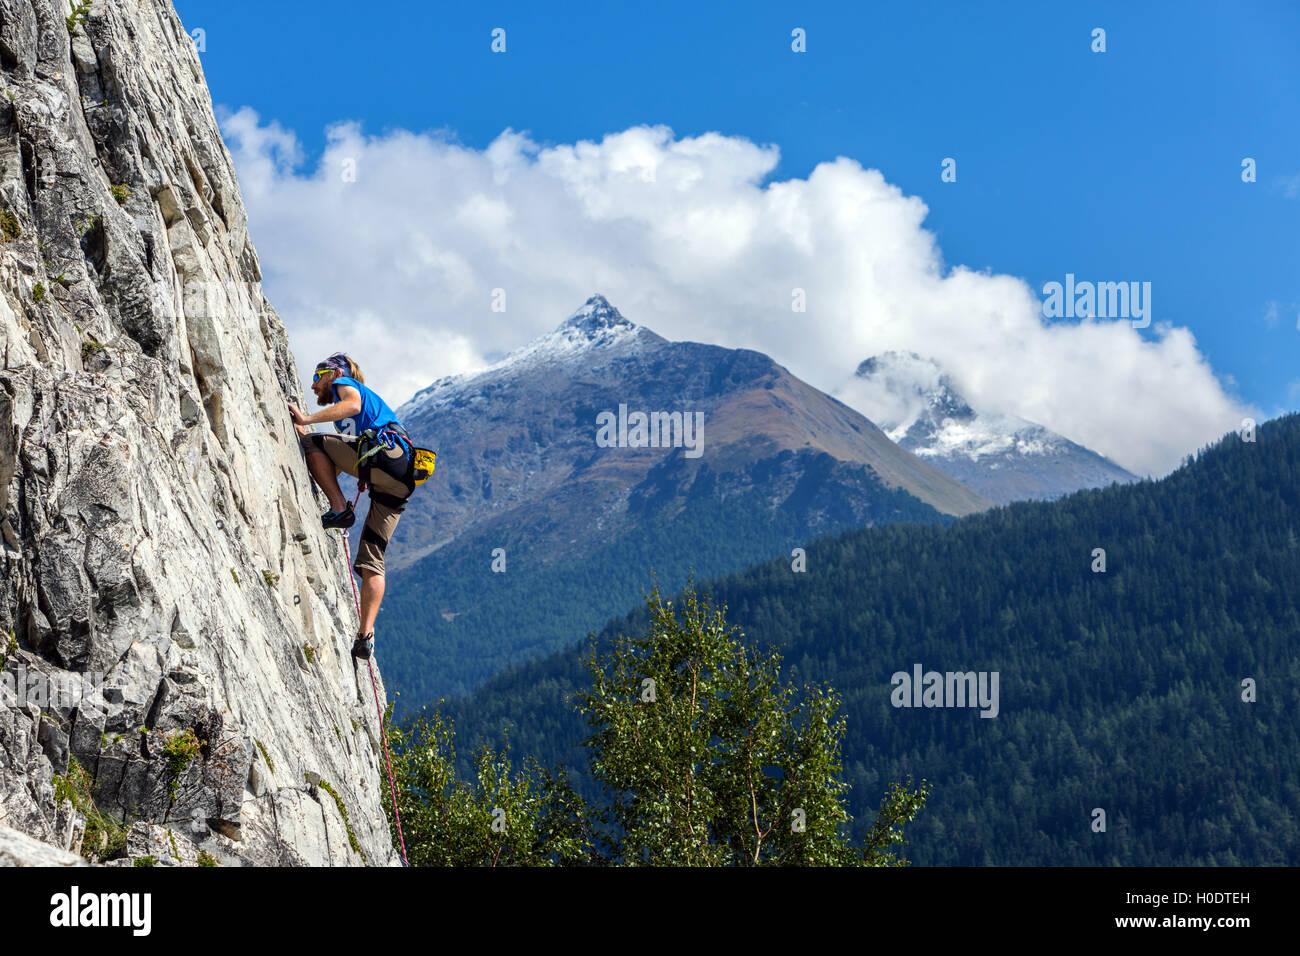 Schlanke männliche Kletterer in blau auf steilen Felswand mit blauem Himmel Berge und Wolken Stockbild